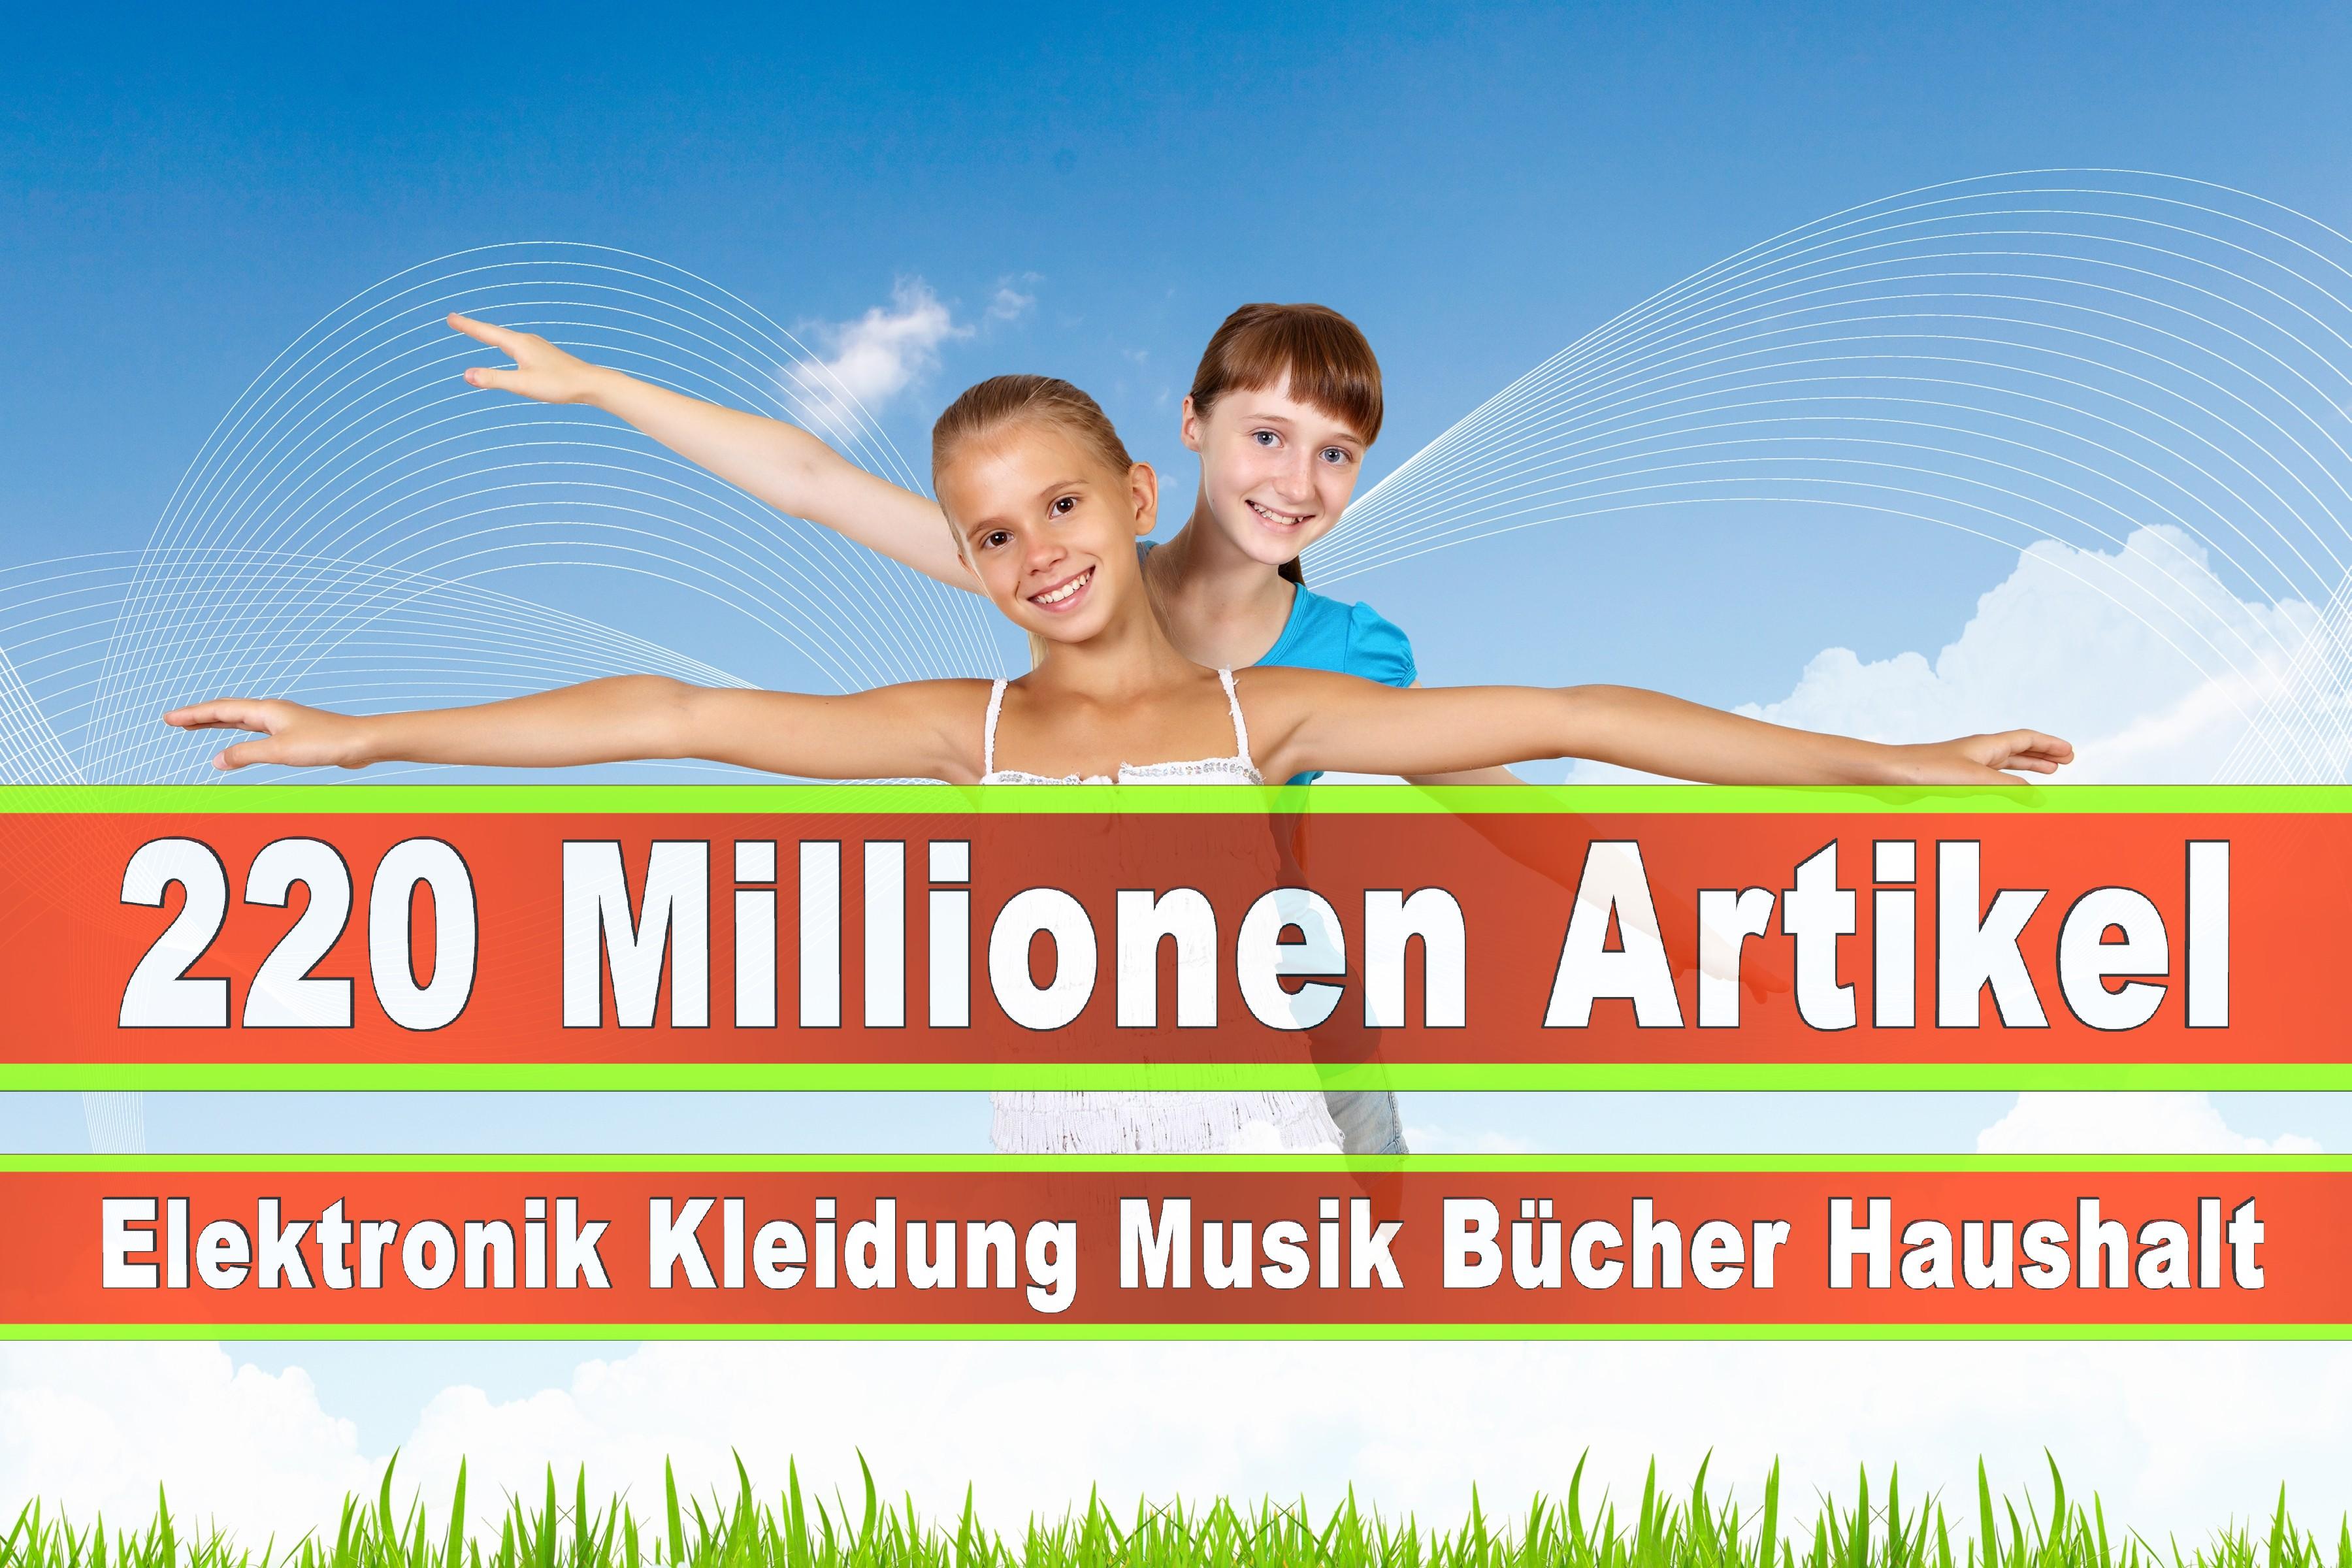 Amazon Elektronik Musik Haushalt Bücher CD DVD Handys Smartphones TV Television Fernseher Kleidung Mode Ebay Versandhaus (184)